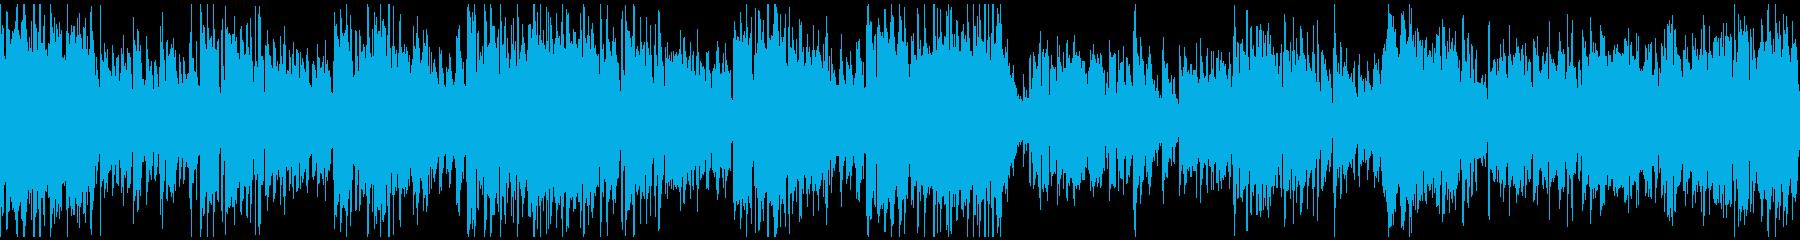 アグレッシブ管楽器ジャズ ※ループ仕様版の再生済みの波形